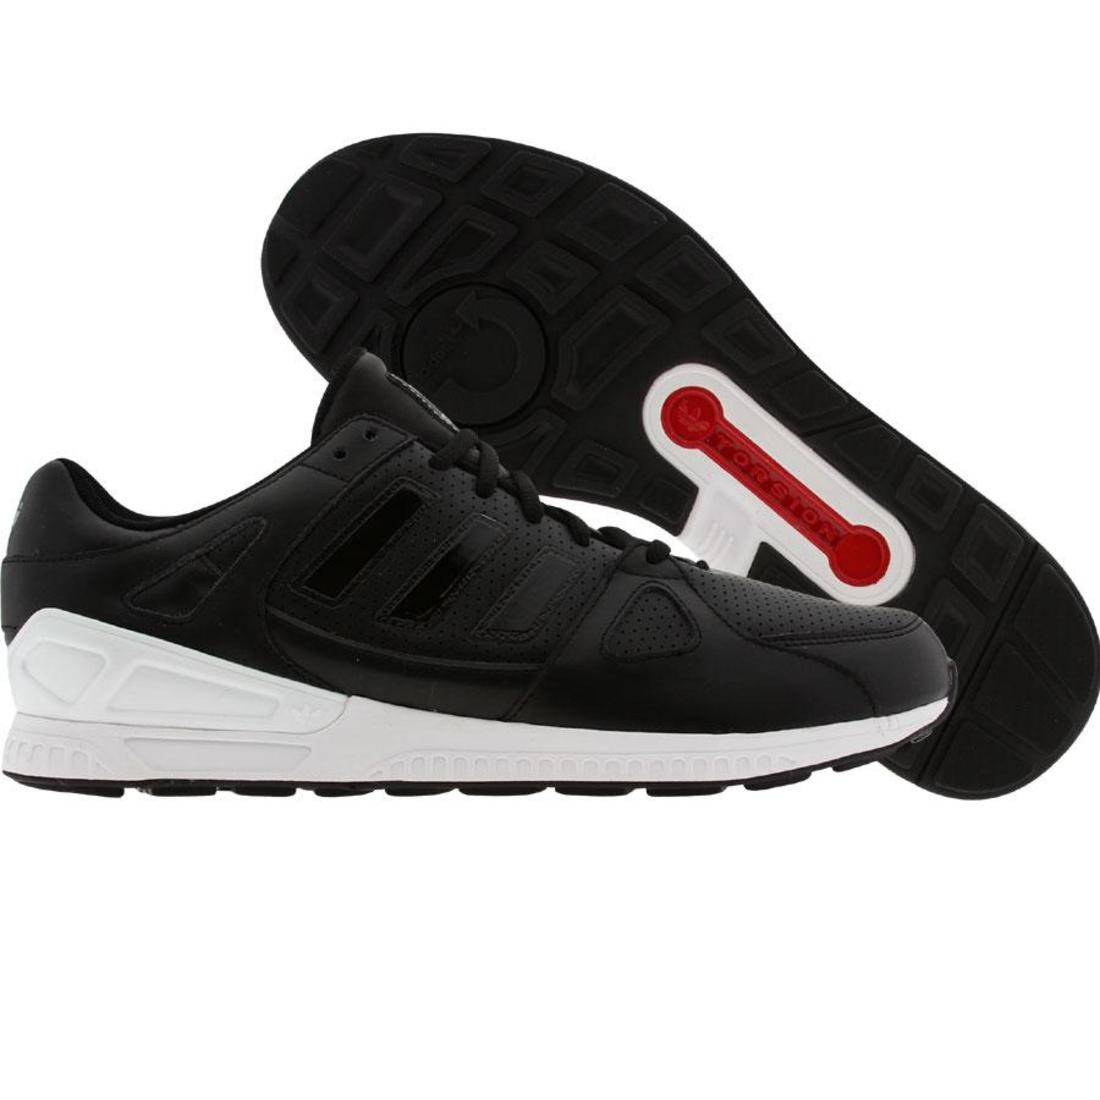 【海外限定】アディダス メンズ靴 スニーカー 【 ADIDAS ZX 789 BLACK1 】